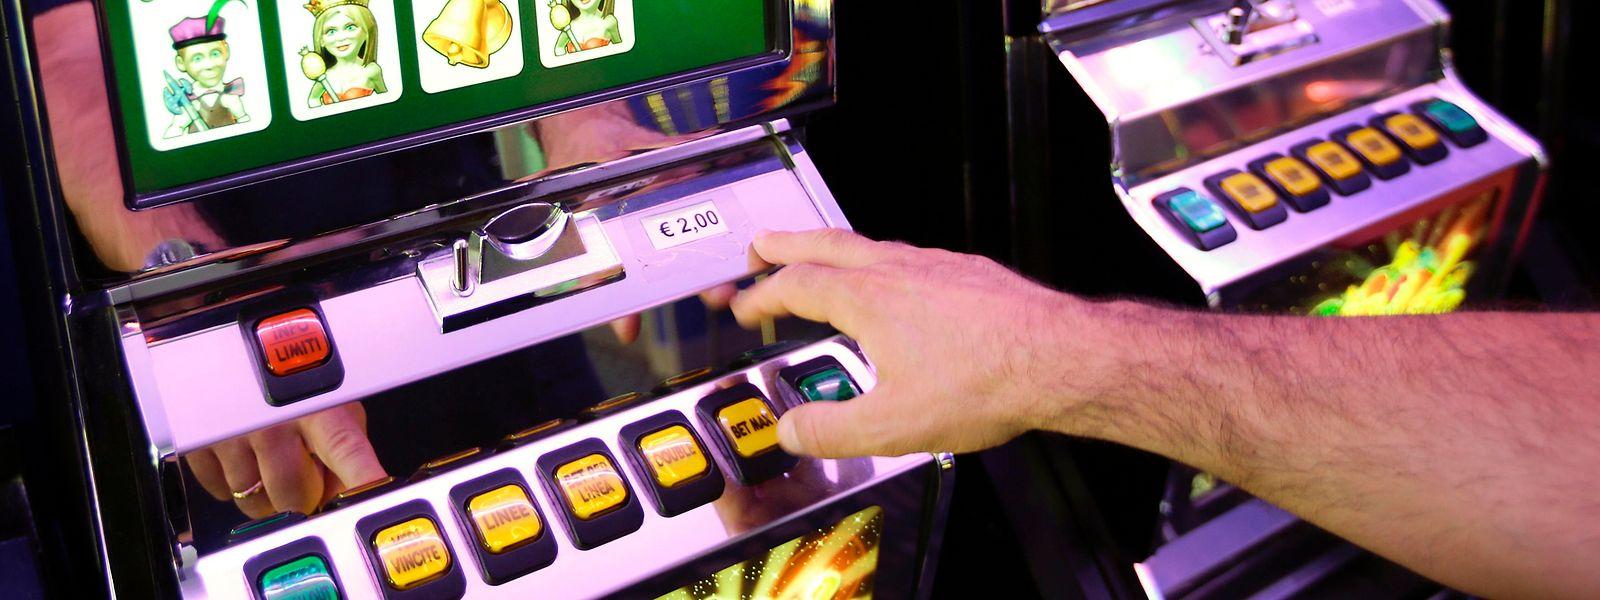 Chaque mois, le casino de Mondorf-les-Bains reverse environ 10 millions d'euros de jackpot.